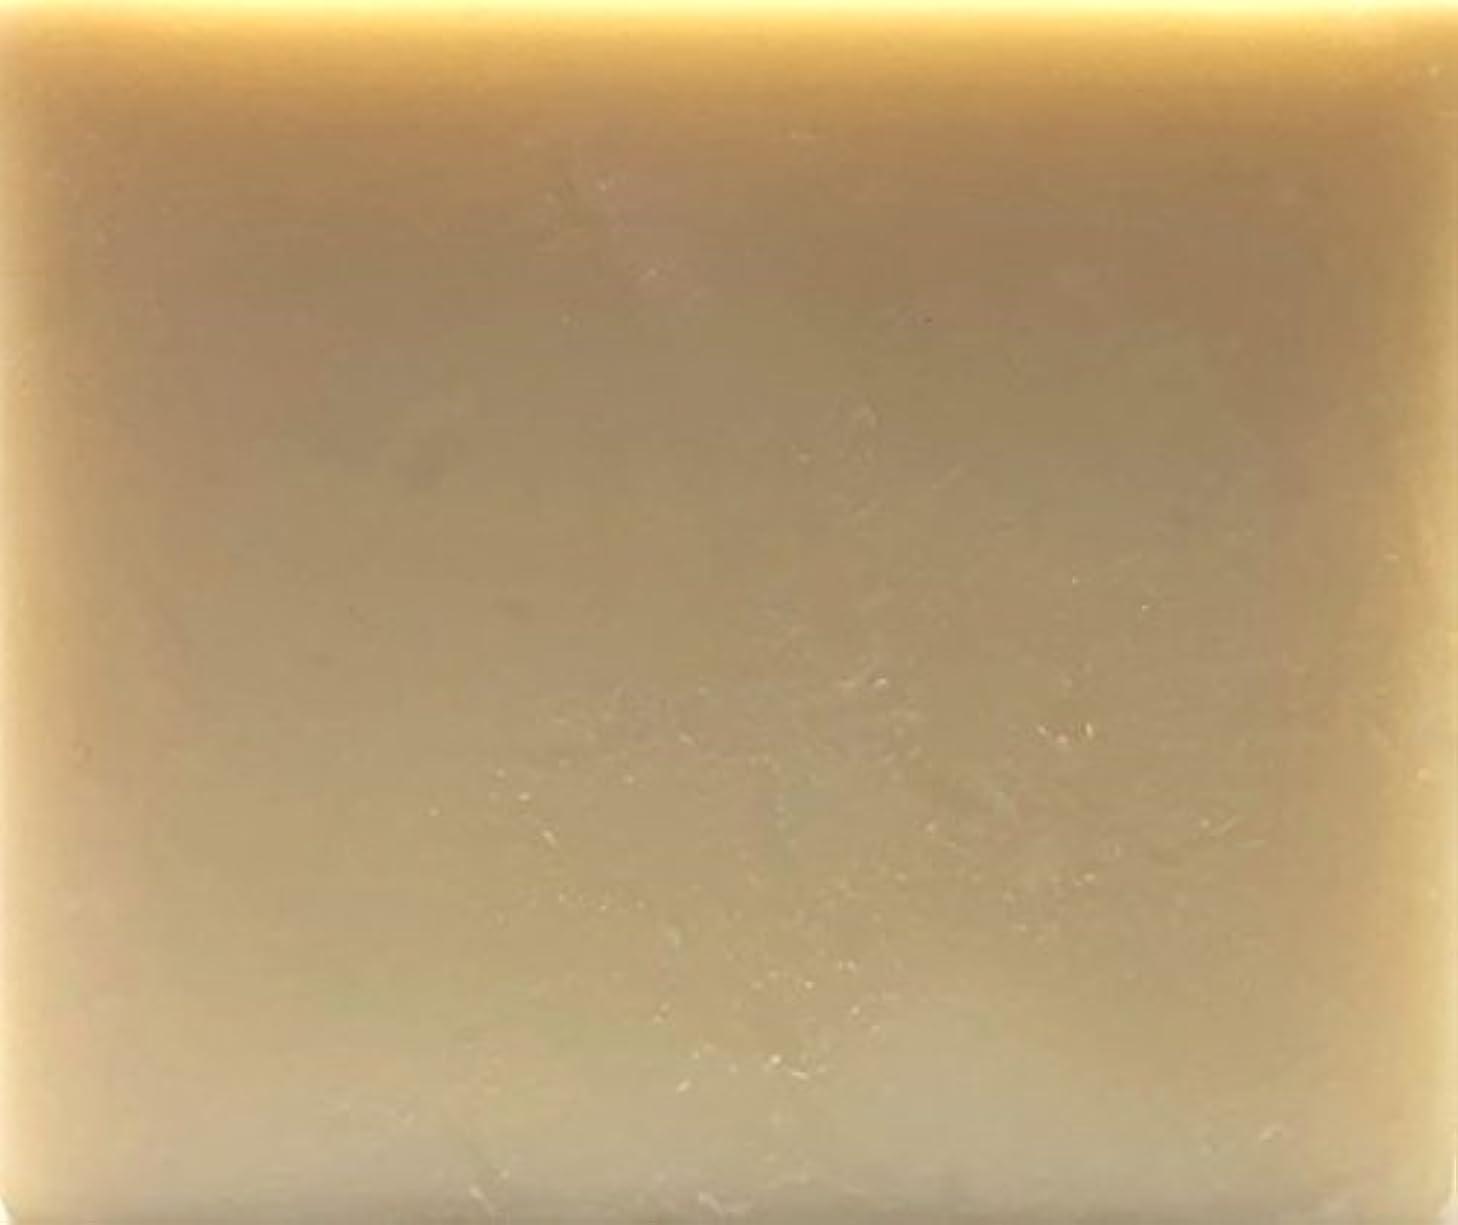 住所オッズマニア篠山石鹸 クロモジ 90g 自家製精油でコールドプロセス製法で作った手作り石けん